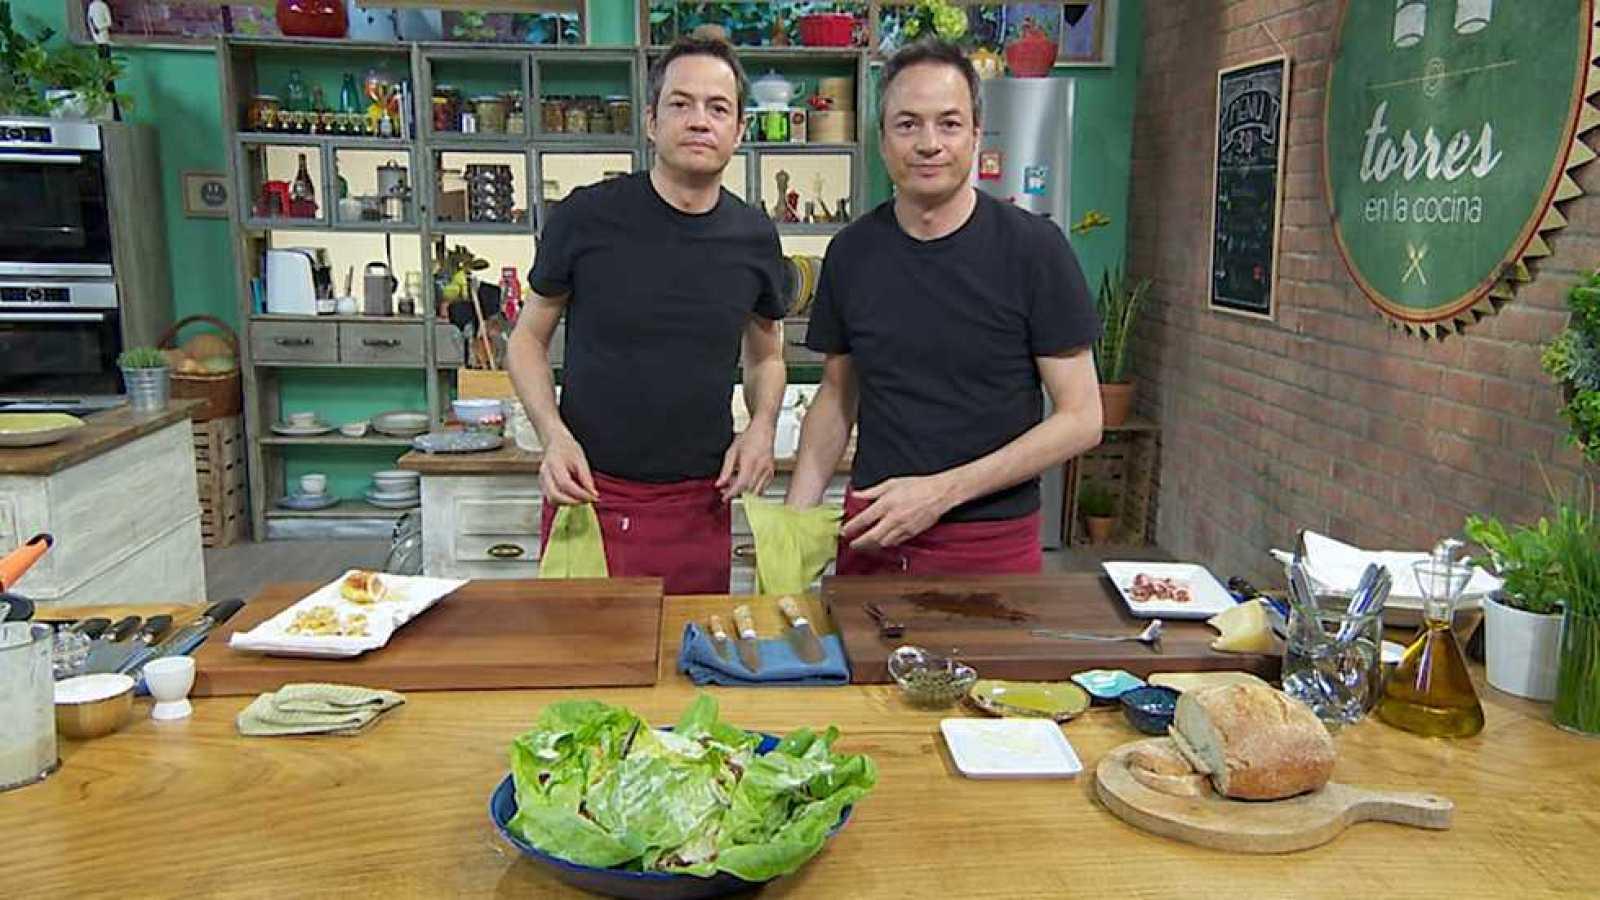 Torres en la cocina - Menú 30 minutos - RTVE.es